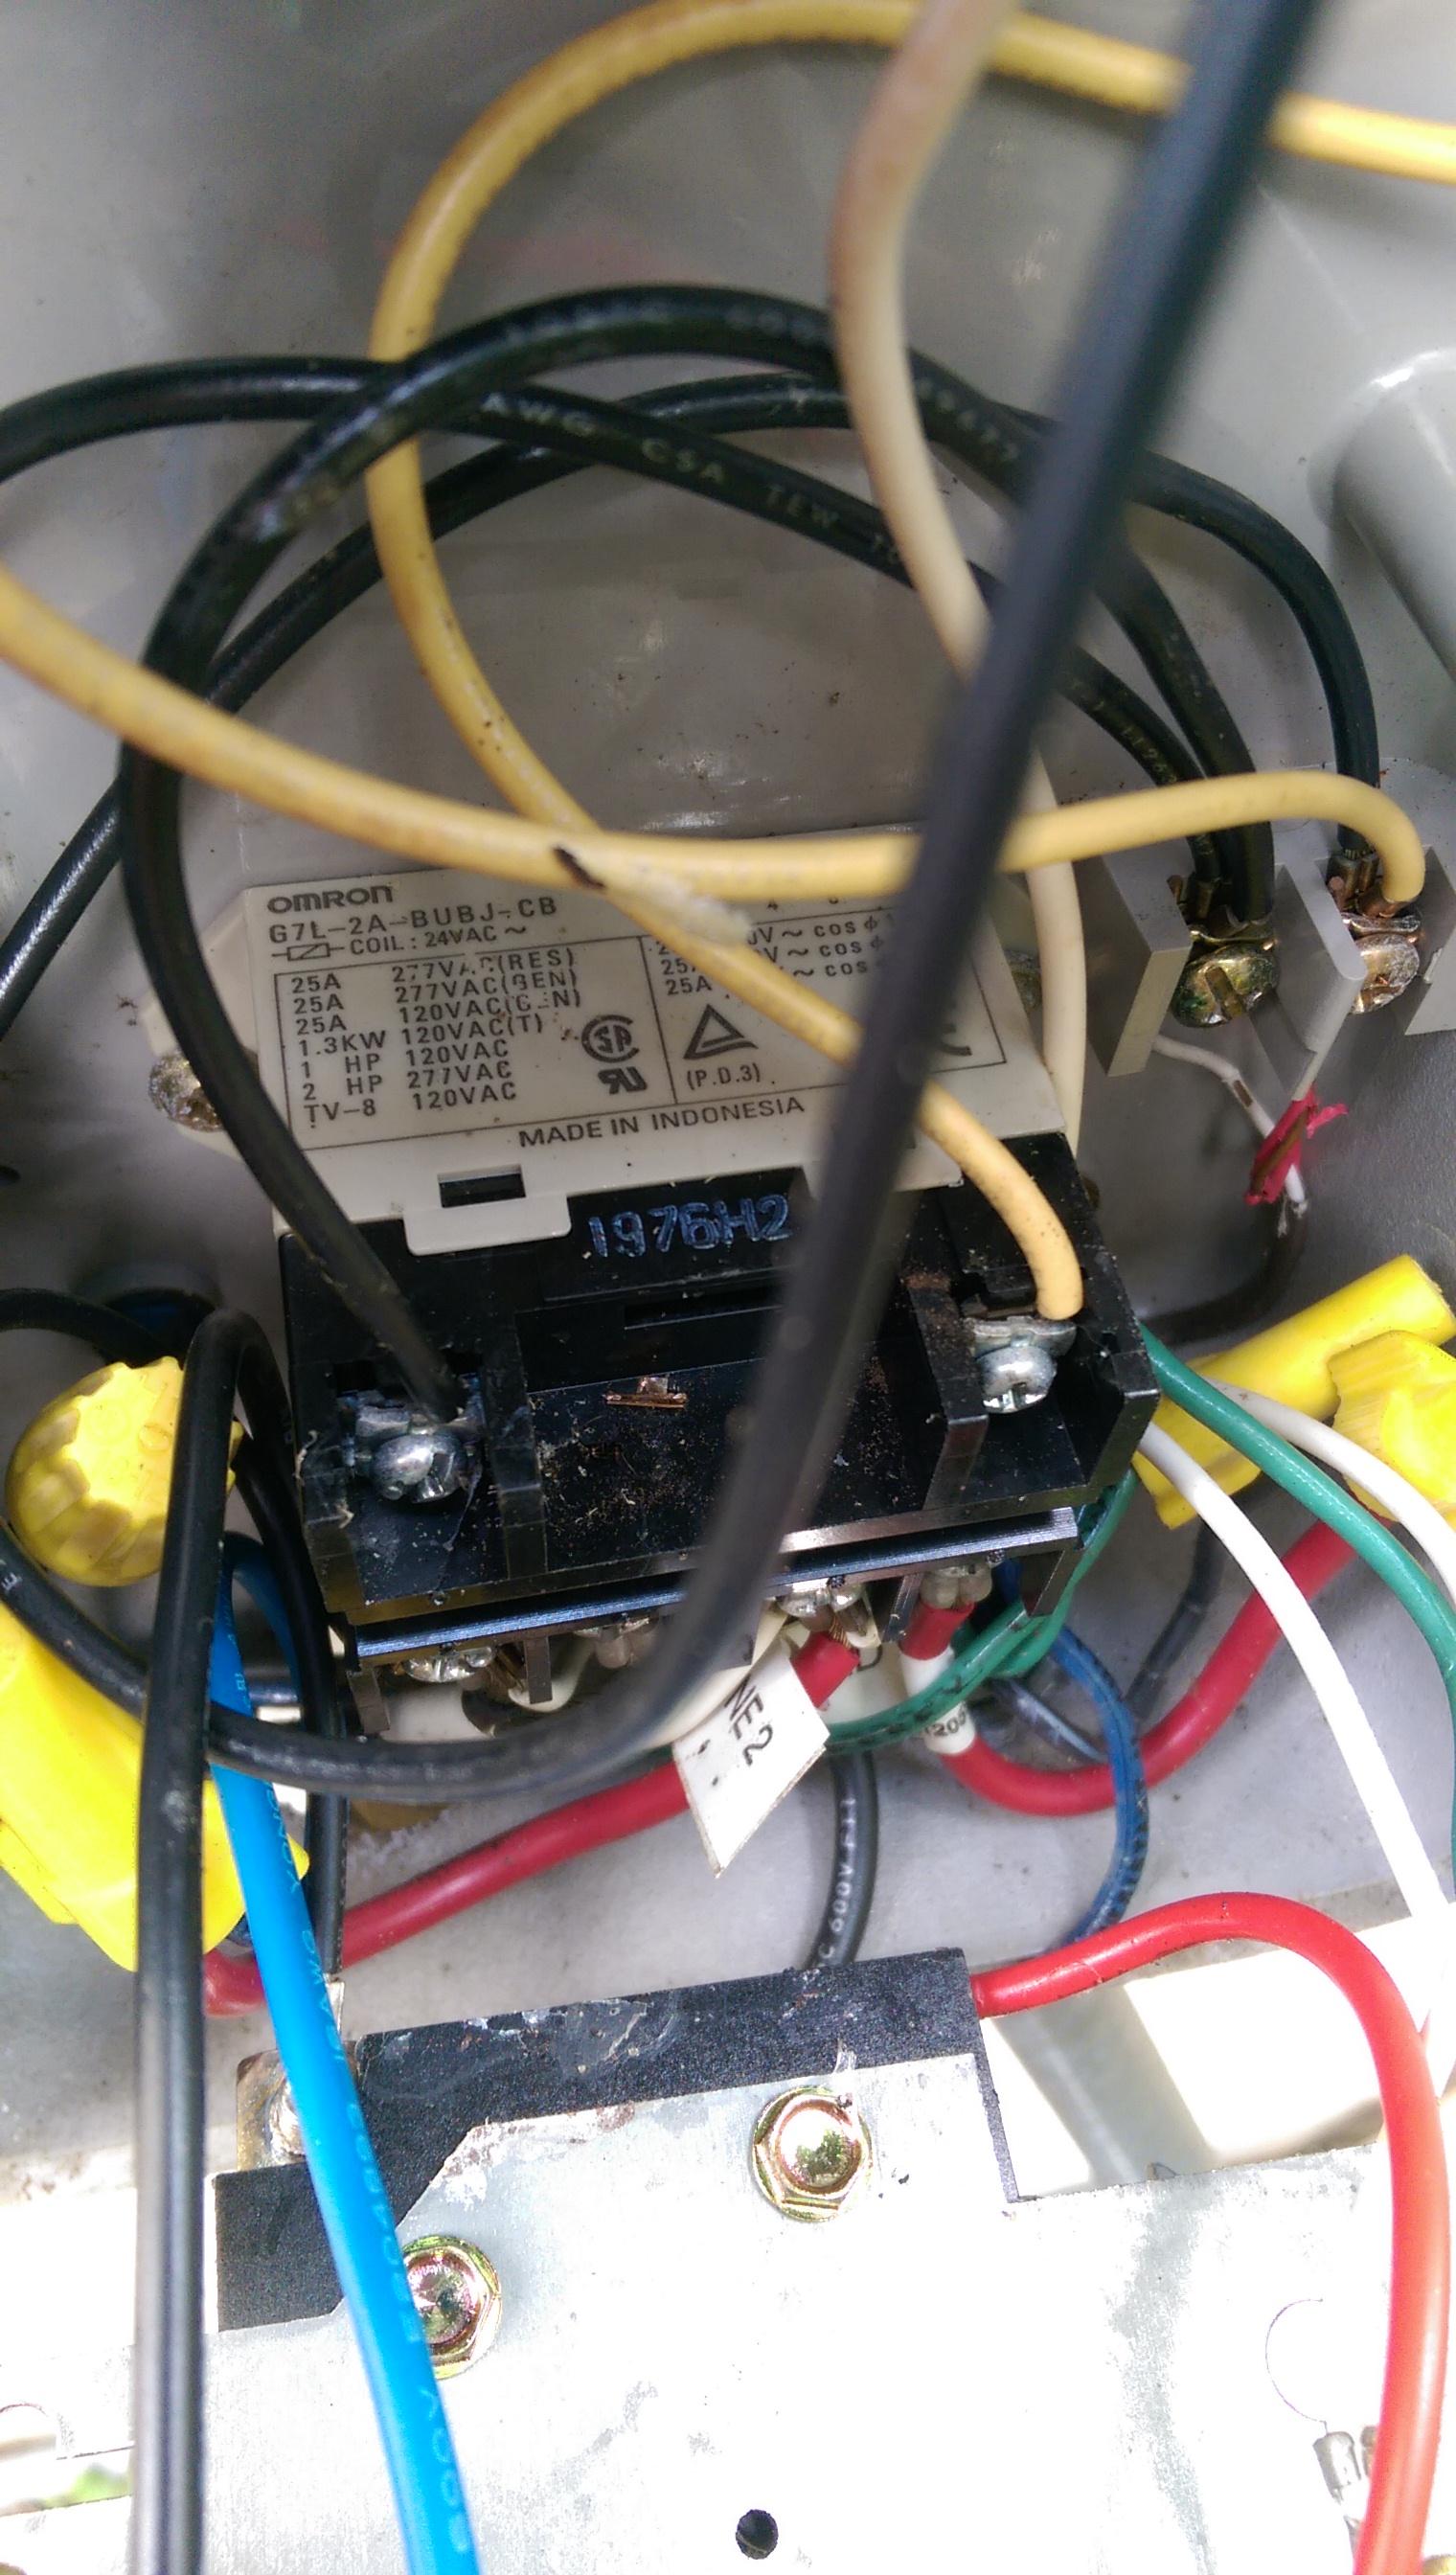 Hardie Irrigation Wiring Diagram Diagrams For Dummies Lawn Genie Solenoid Dial 35 Intermatic Sprinkler Controller